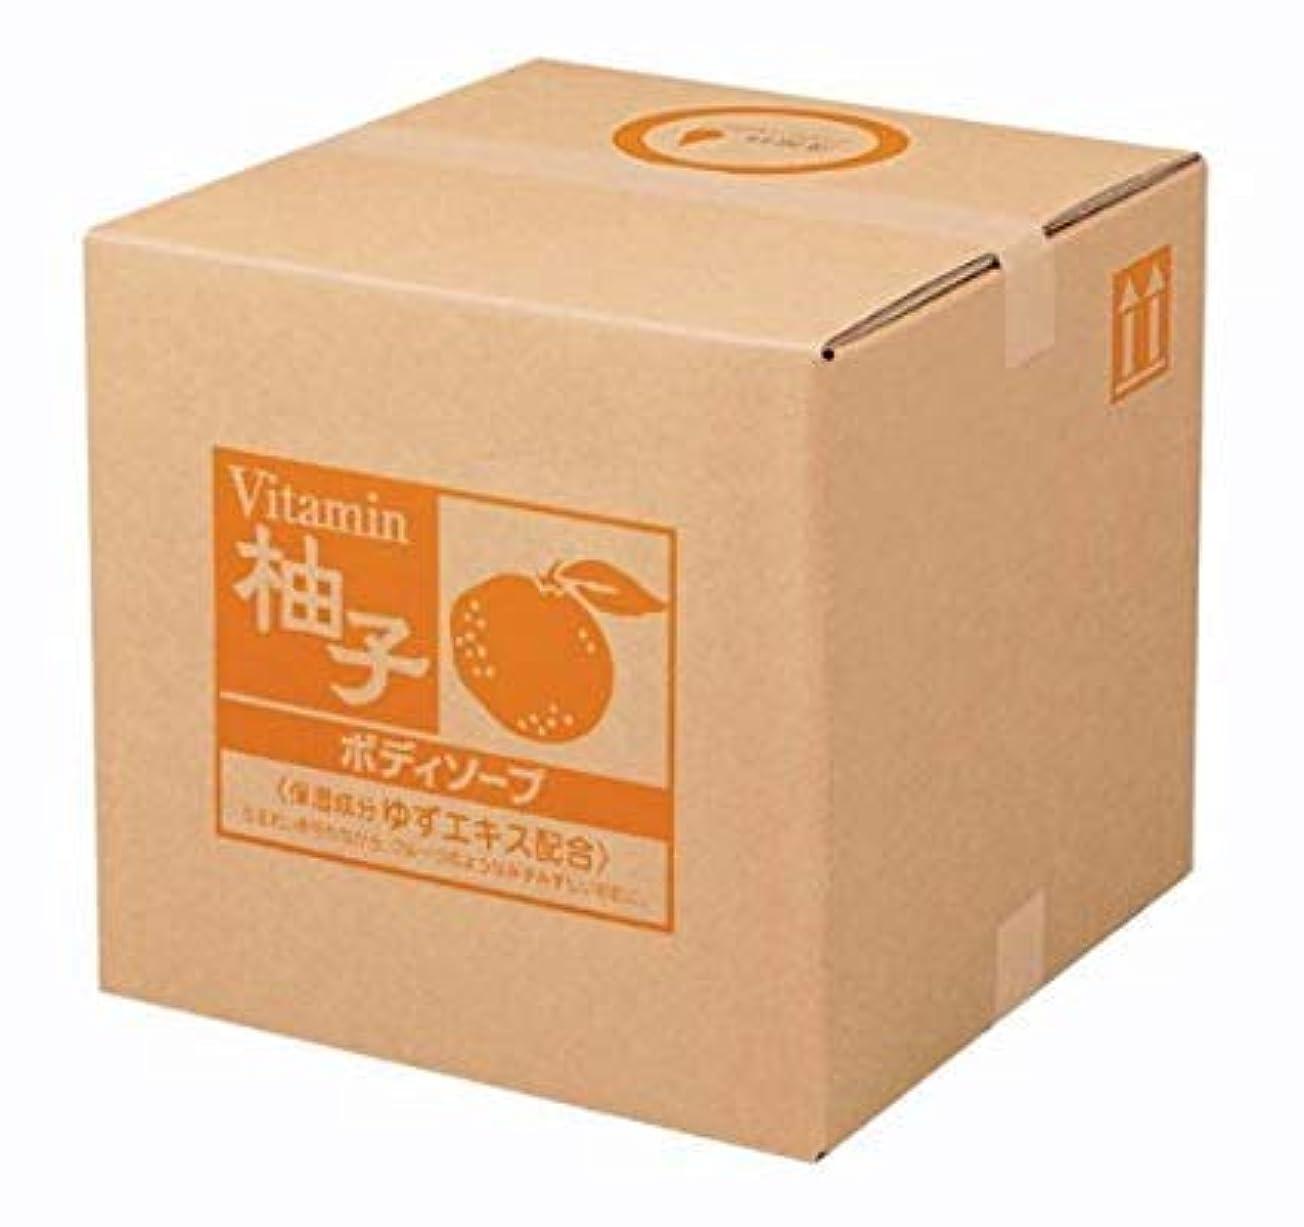 批評愛情深い良性業務用 SCRITT(スクリット) 柚子 ボディソープ 18L 熊野油脂 (コック付き)